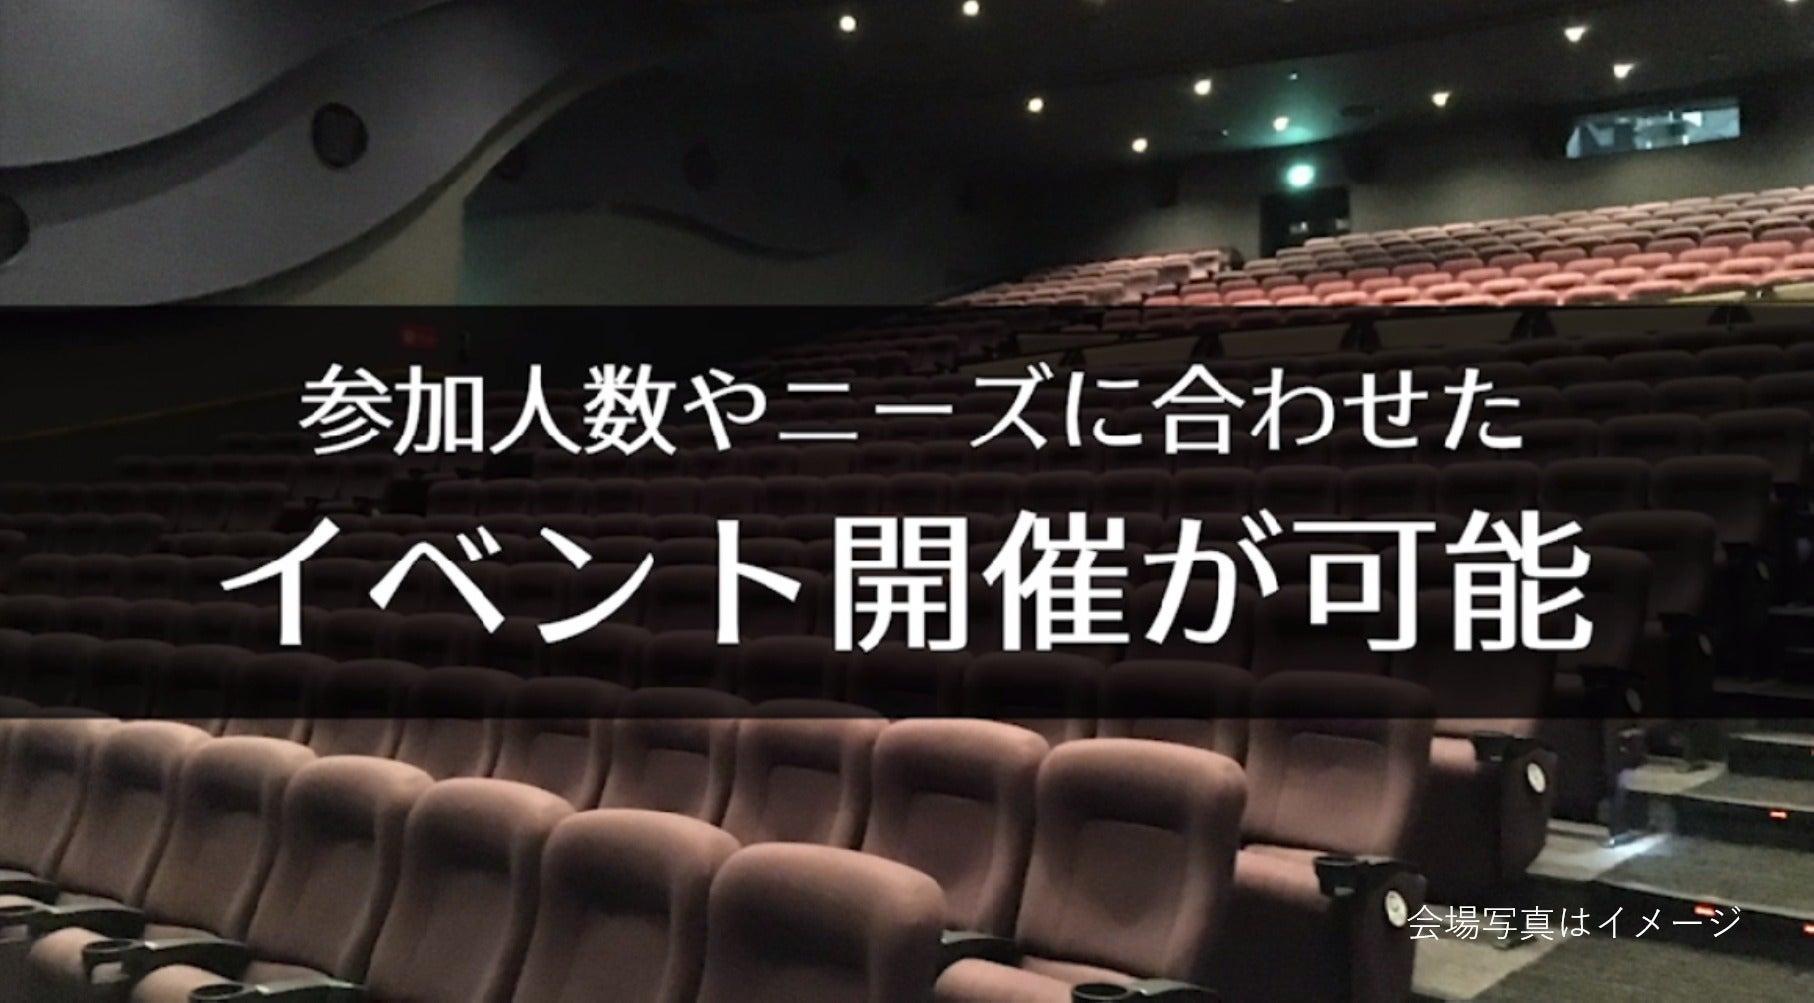 【金沢 272席】映画館で、会社説明会、株主総会、講演会の企画はいかがですか? の写真